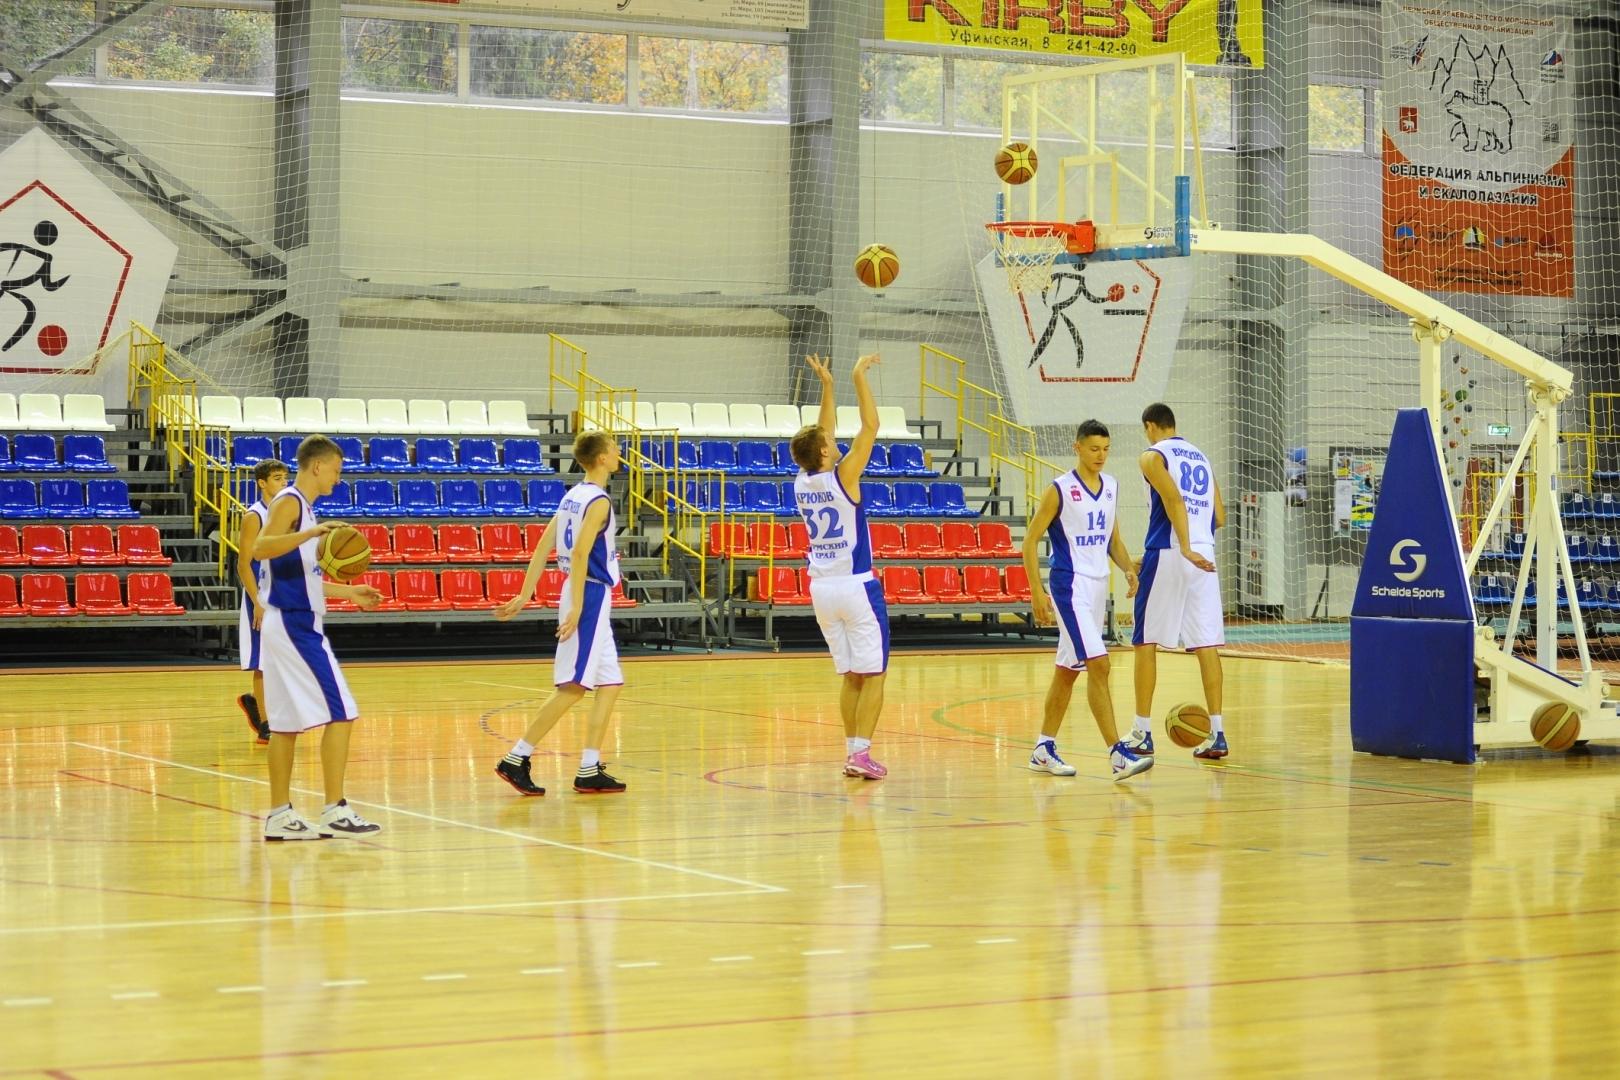 Баскетбольный клуб «Парма» выберет новое название